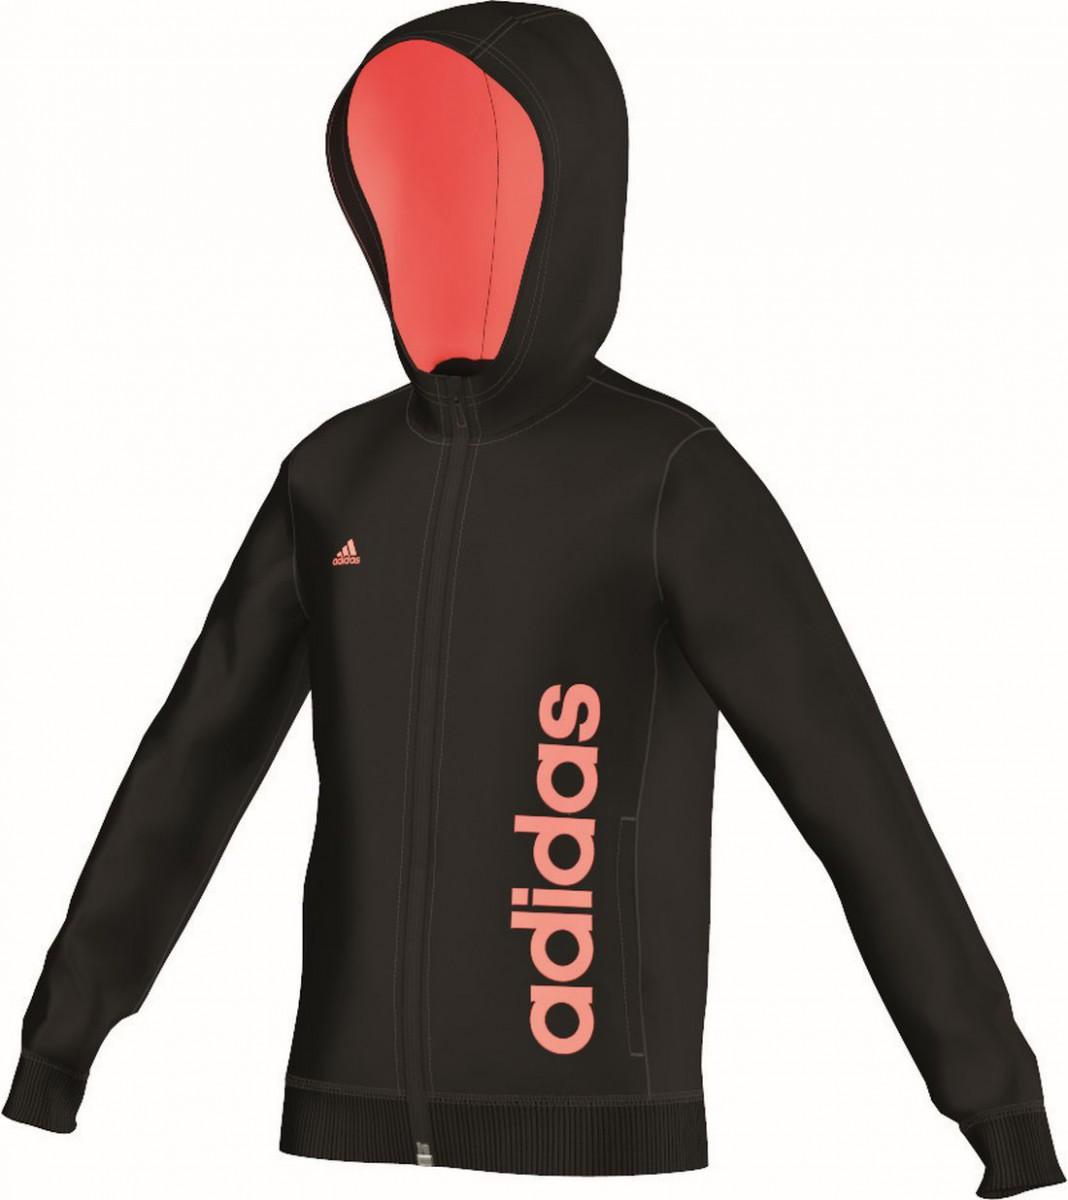 Adidas trainings jacke